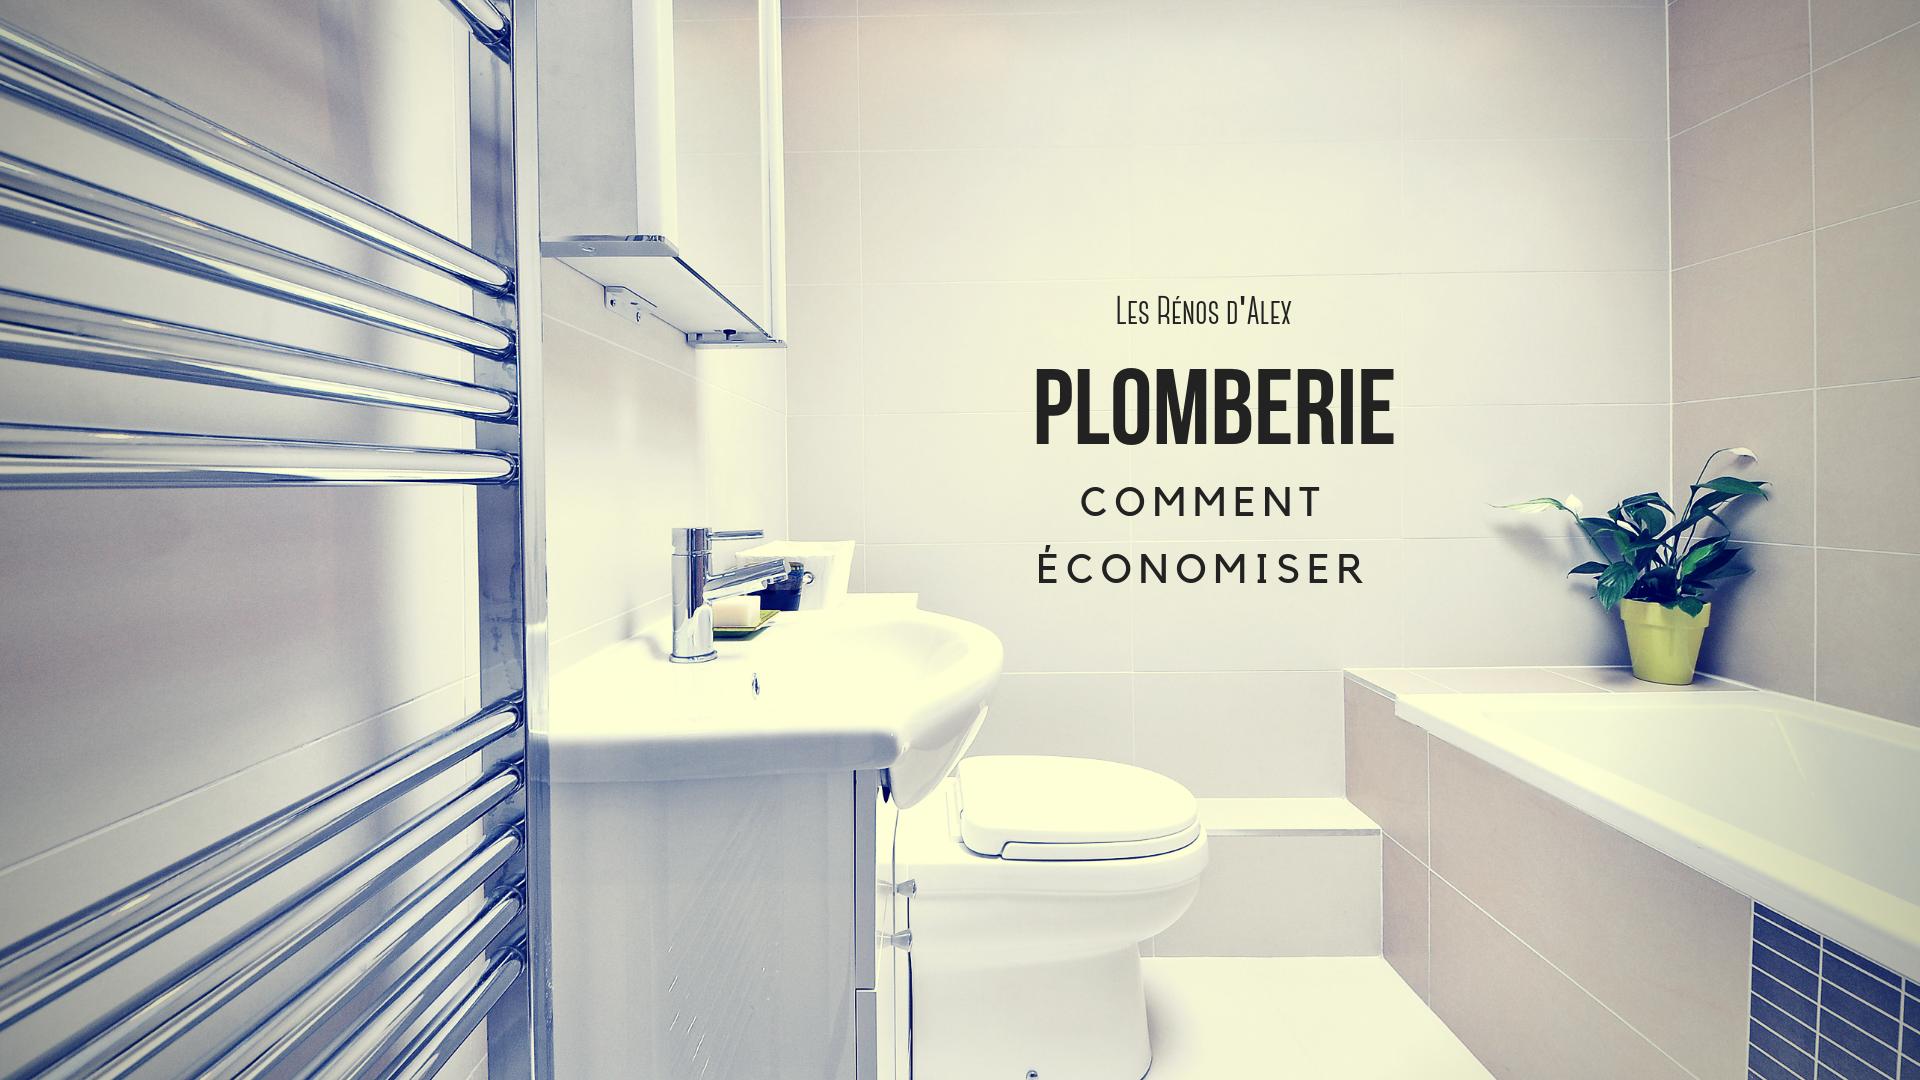 Économiser Plombier salle de bain